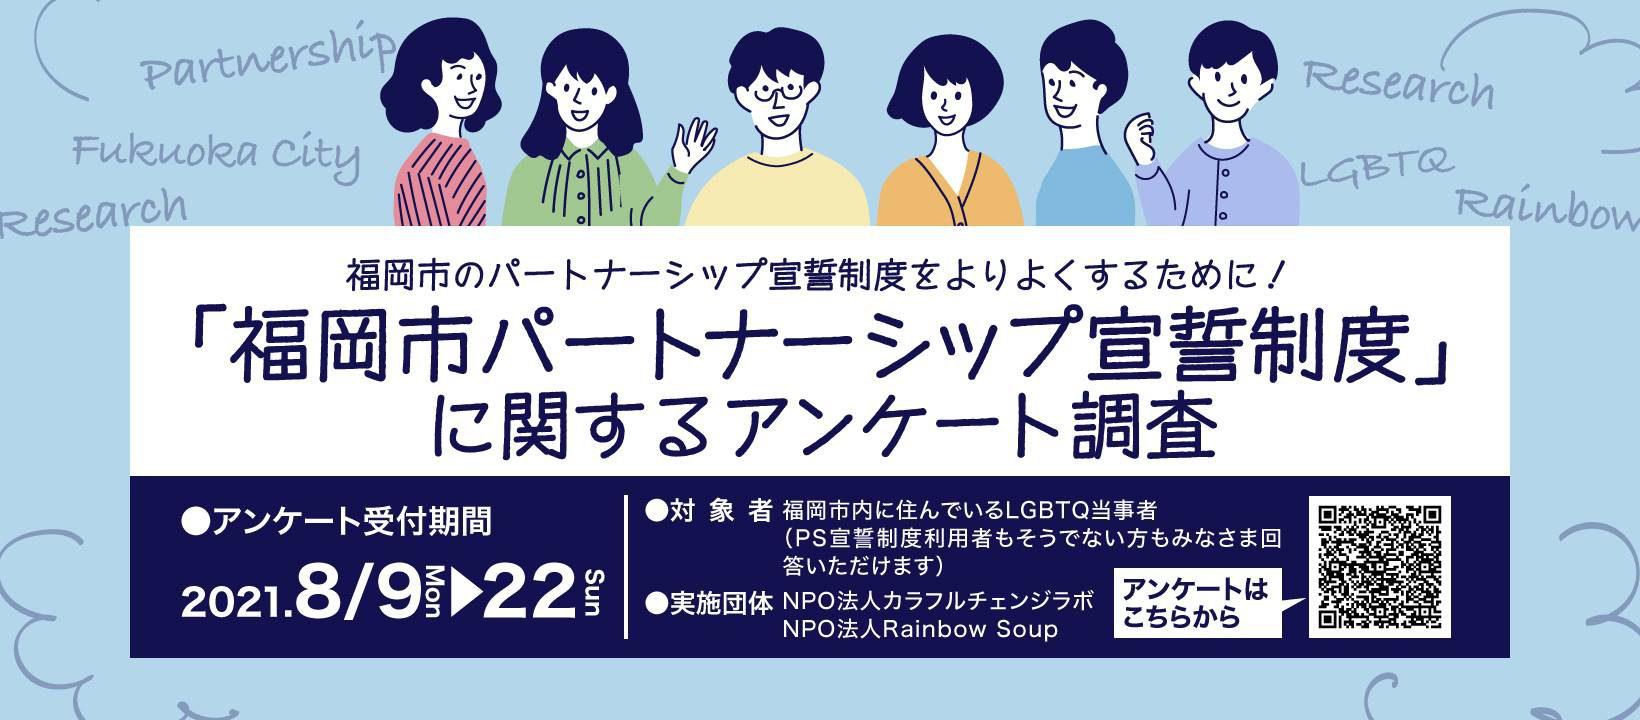 福岡市PS制度アンケート